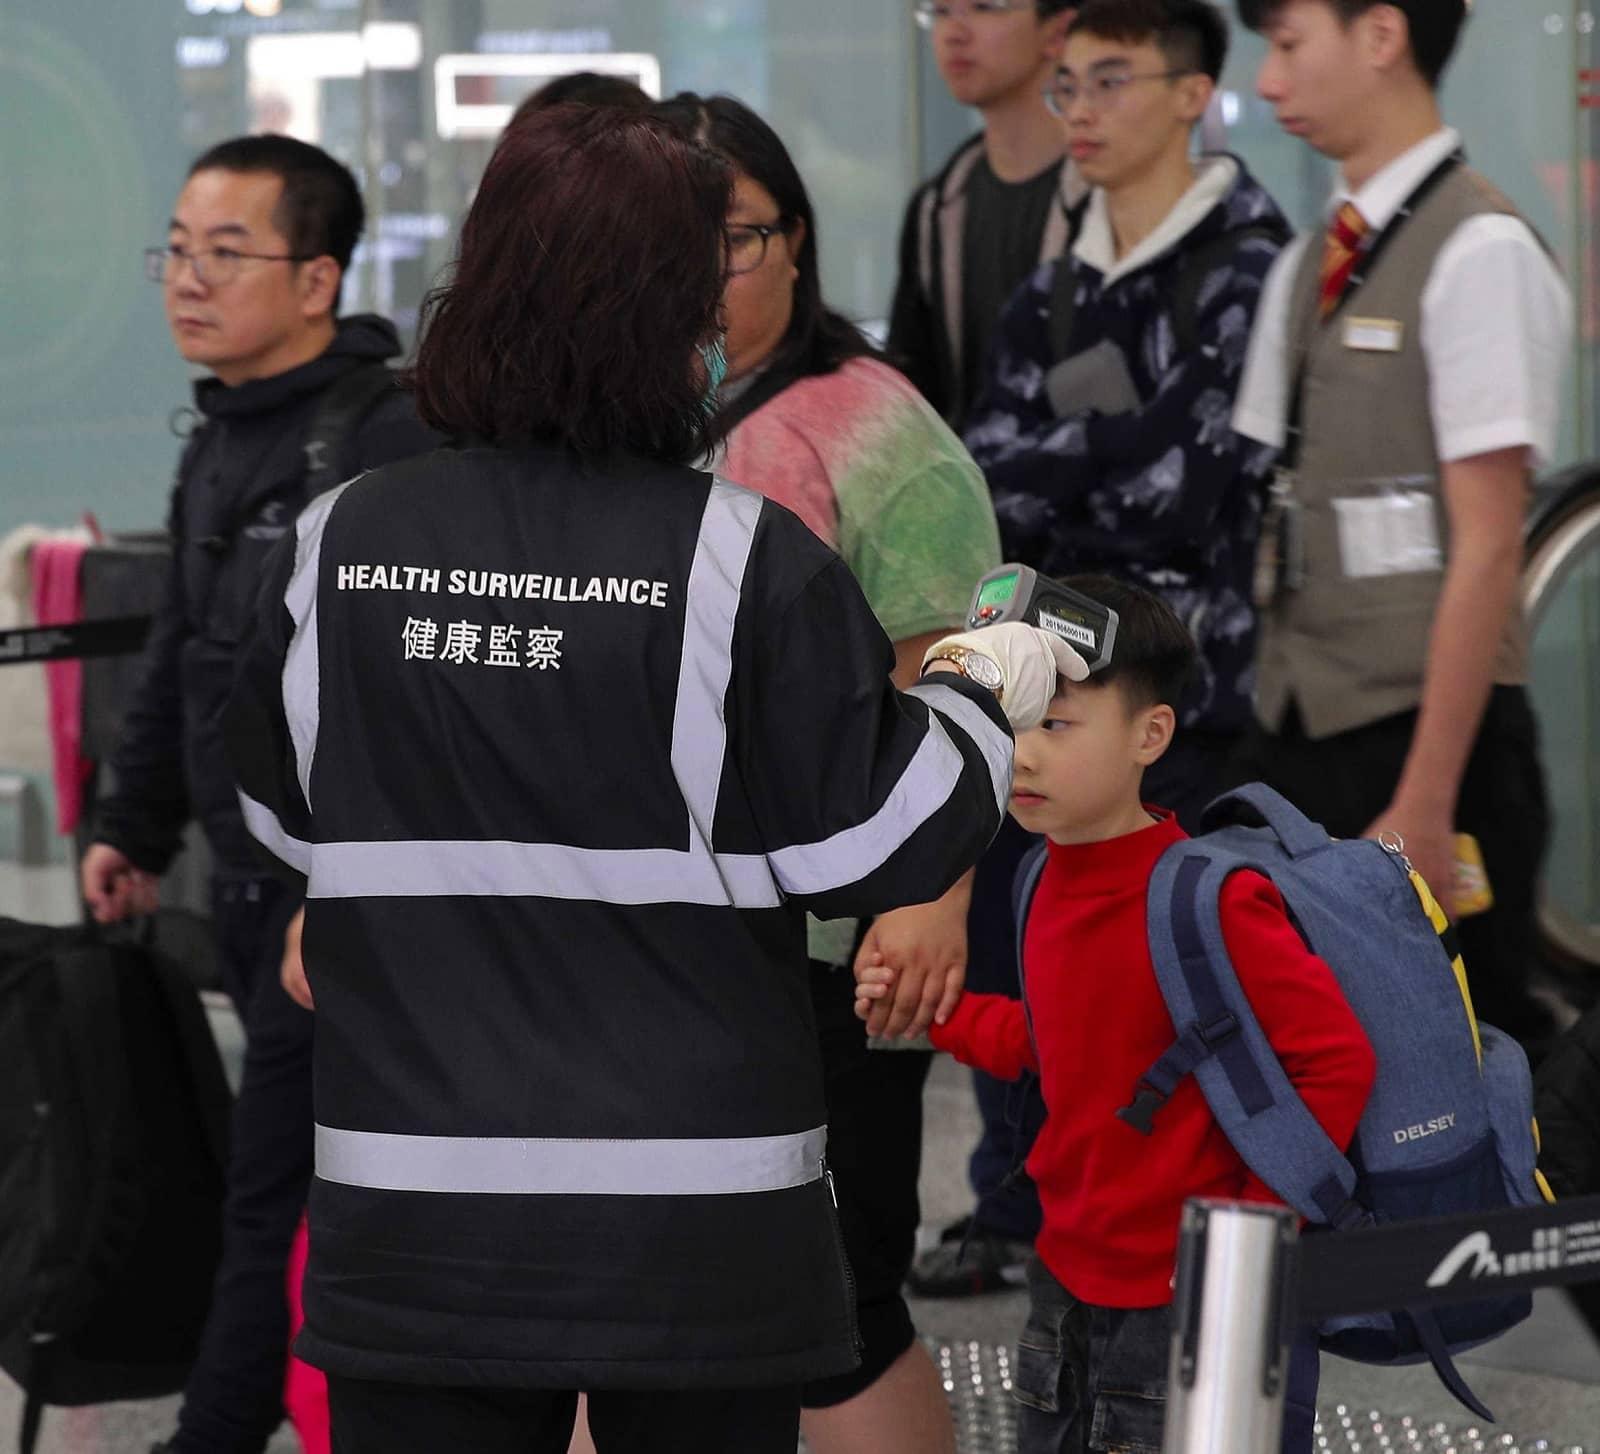 HONG KONG STEPS UP RESPONSE 10 MYSTERY DISEASE FROM CHINA